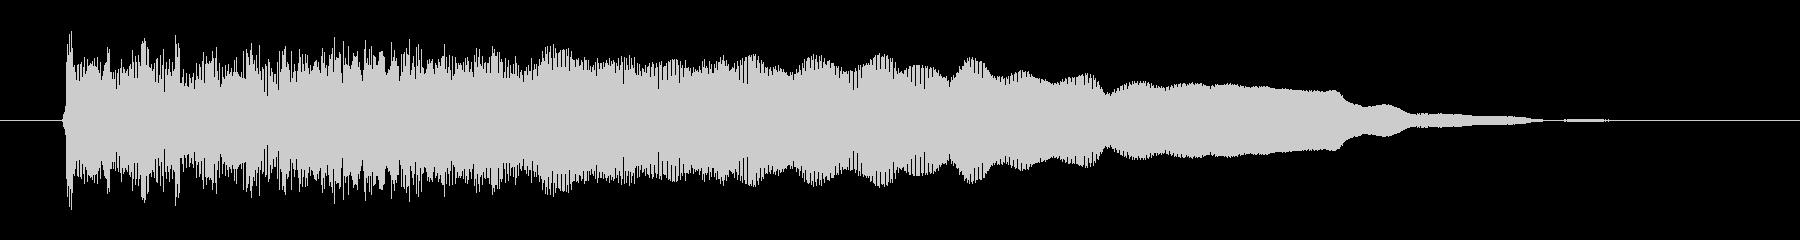 ファズ・ギターのハードロックなジングルの未再生の波形